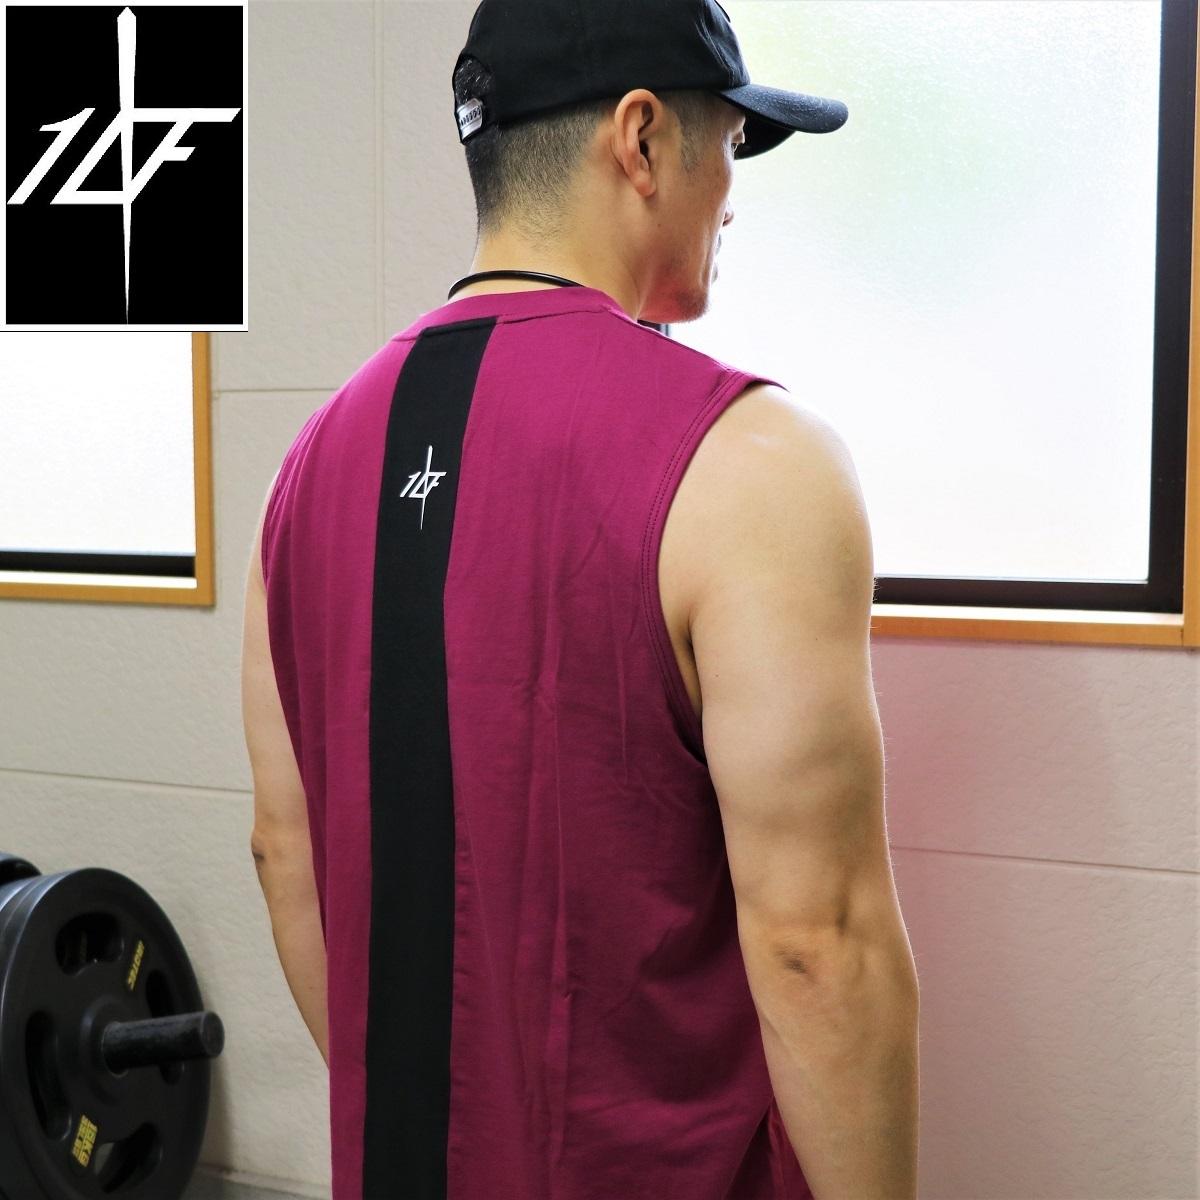 10FIT タンクトップ トレーニング 筋トレ ボディビル メンズ TT-22 ワイン黒